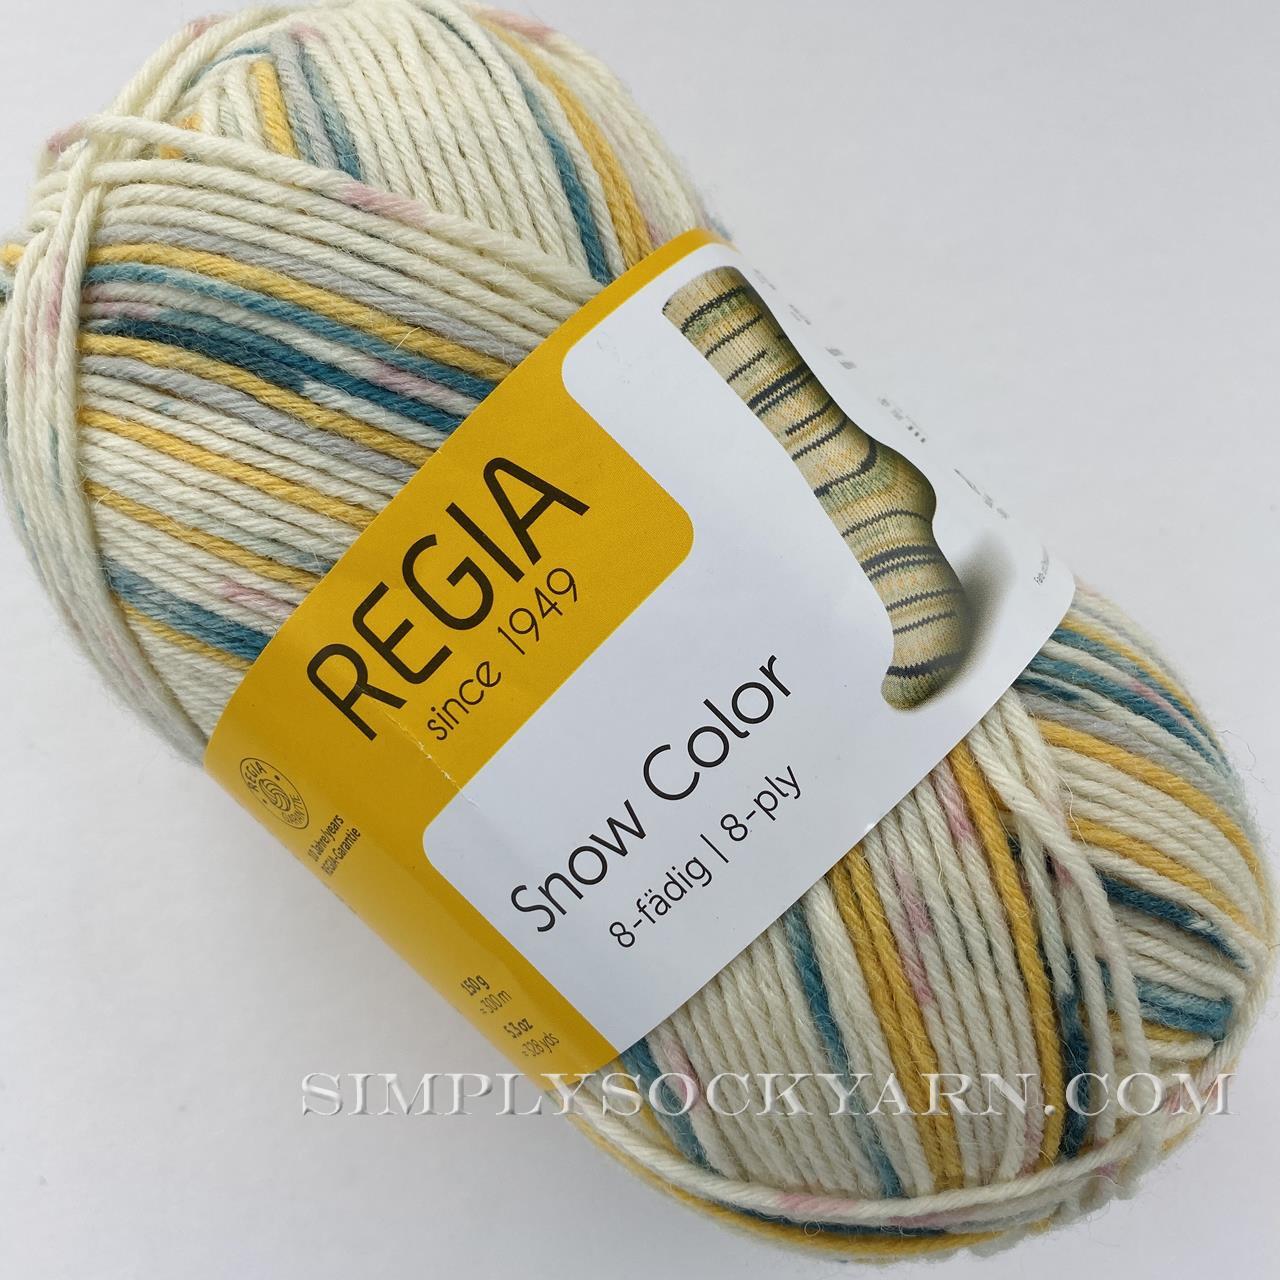 Regia 8 Ply Snow Color 8113 -